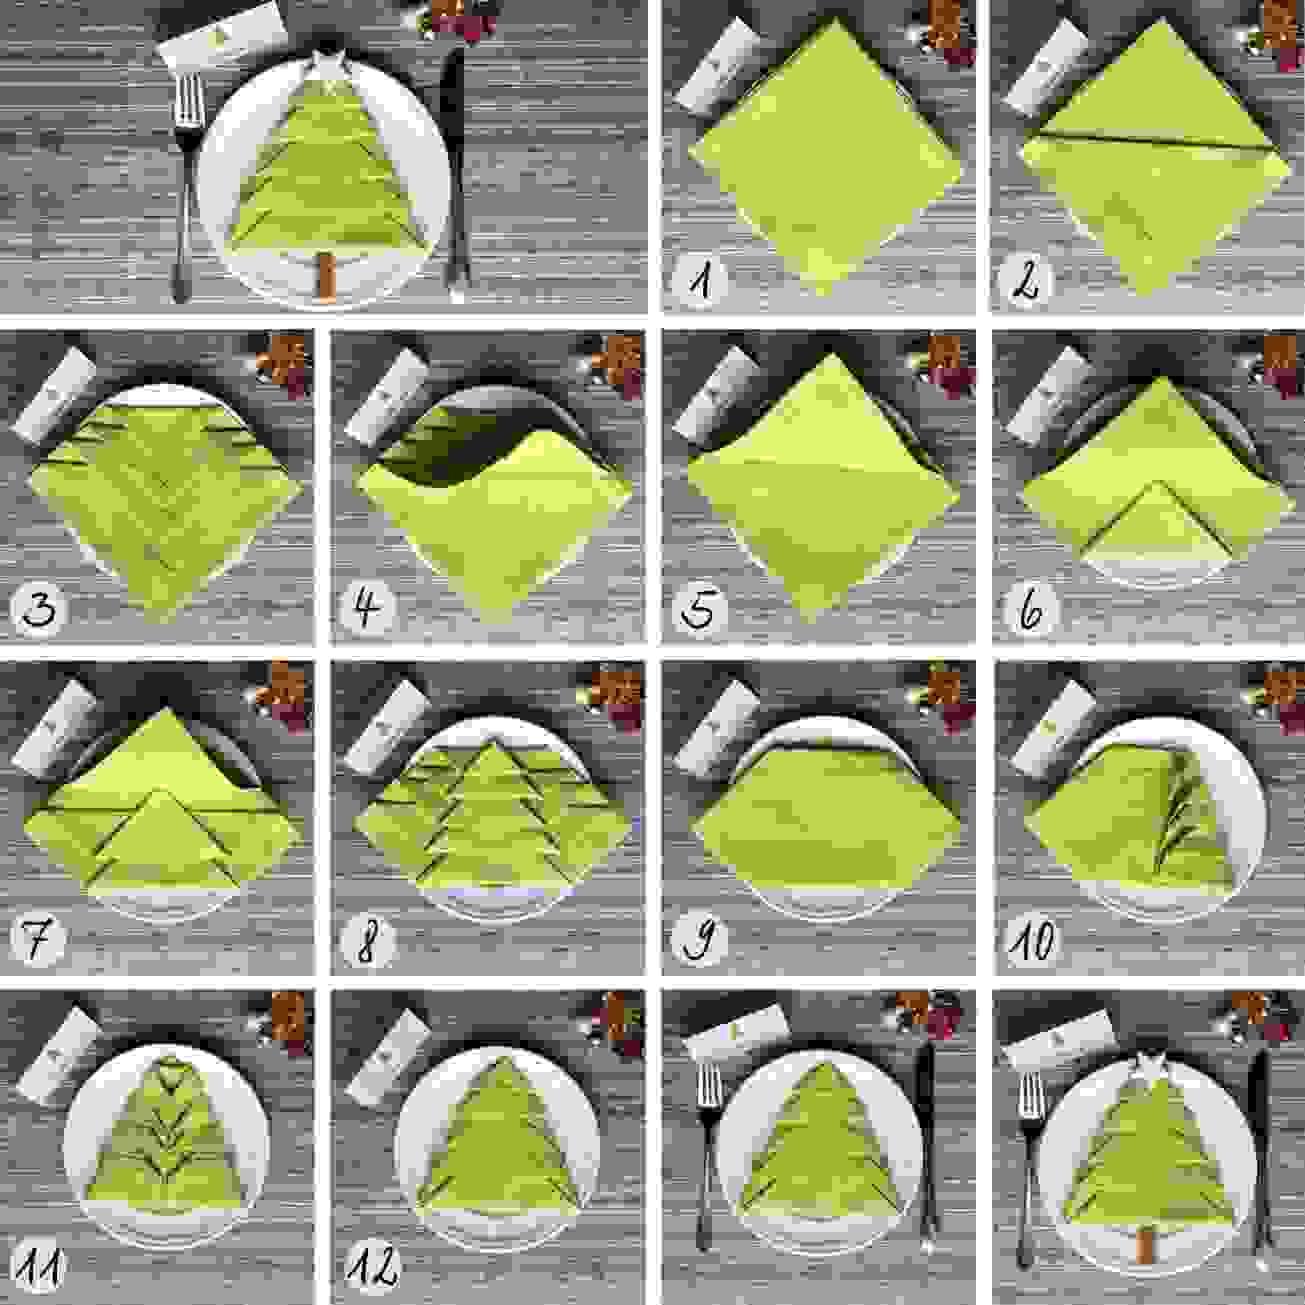 Tischkarten Shop Von Servietten Falten Tannenbaum Designideen von Serviette Als Tannenbaum Falten Photo